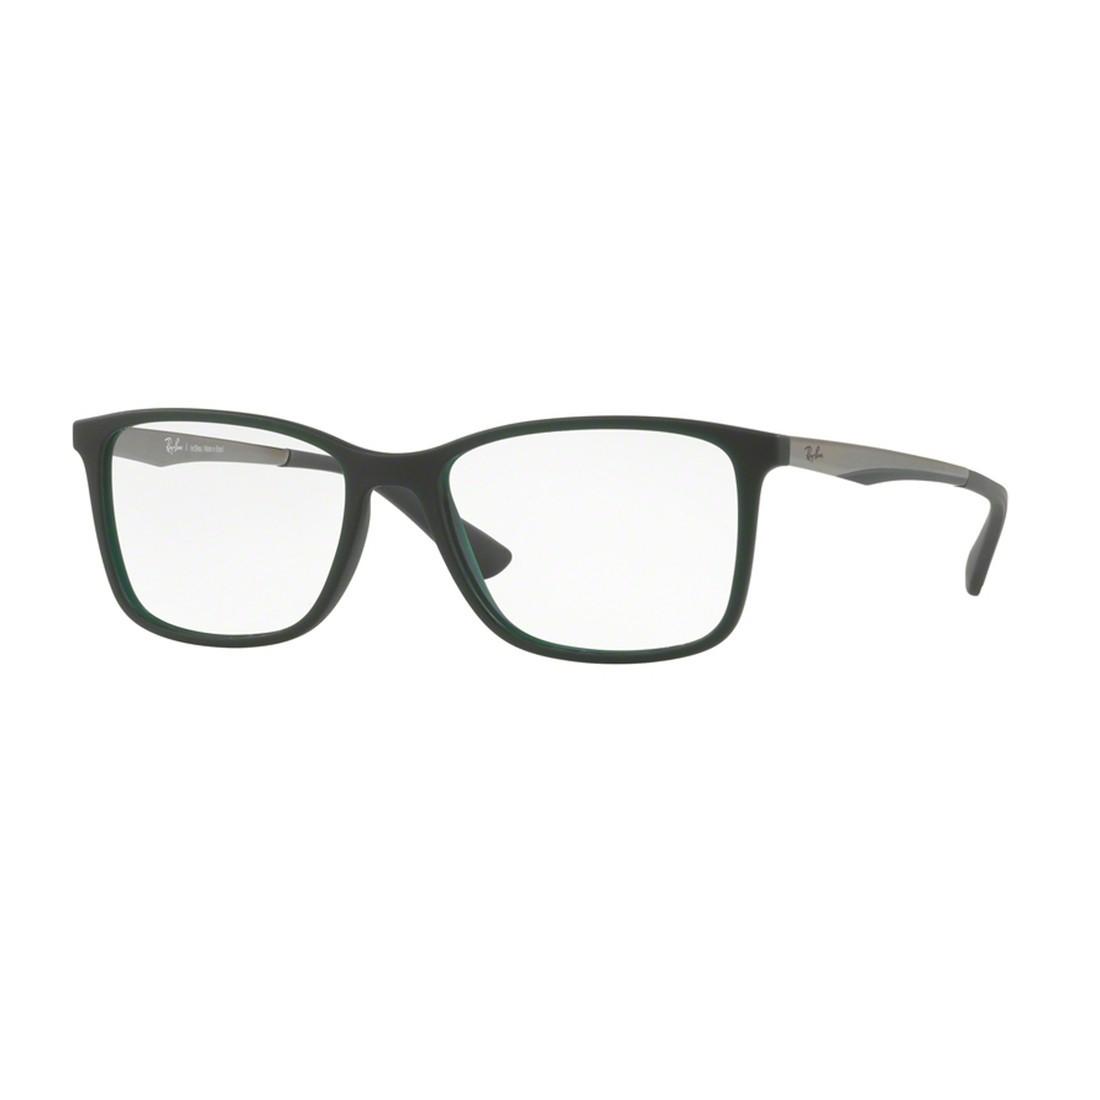 Óculos de Grau Ray-Ban Quadrado Acetato Verde Aro Fechado Sem Plaquetas  0rx7133l 5483 55 ... 2fedca2ab6